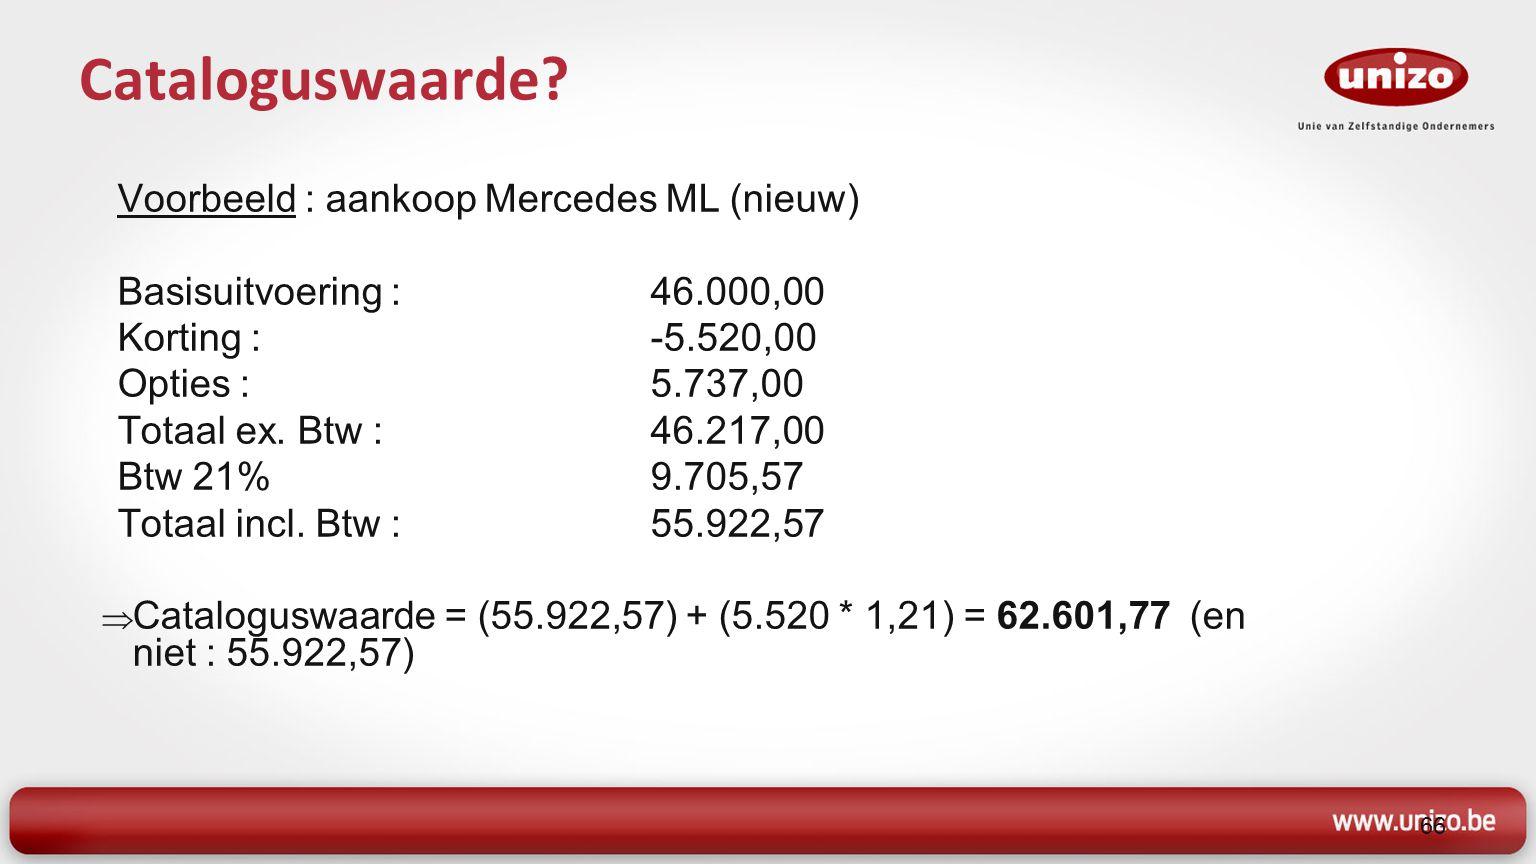 Voorbeeld : aankoop Mercedes ML (nieuw) Basisuitvoering : 46.000,00 Korting :-5.520,00 Opties :5.737,00 Totaal ex.